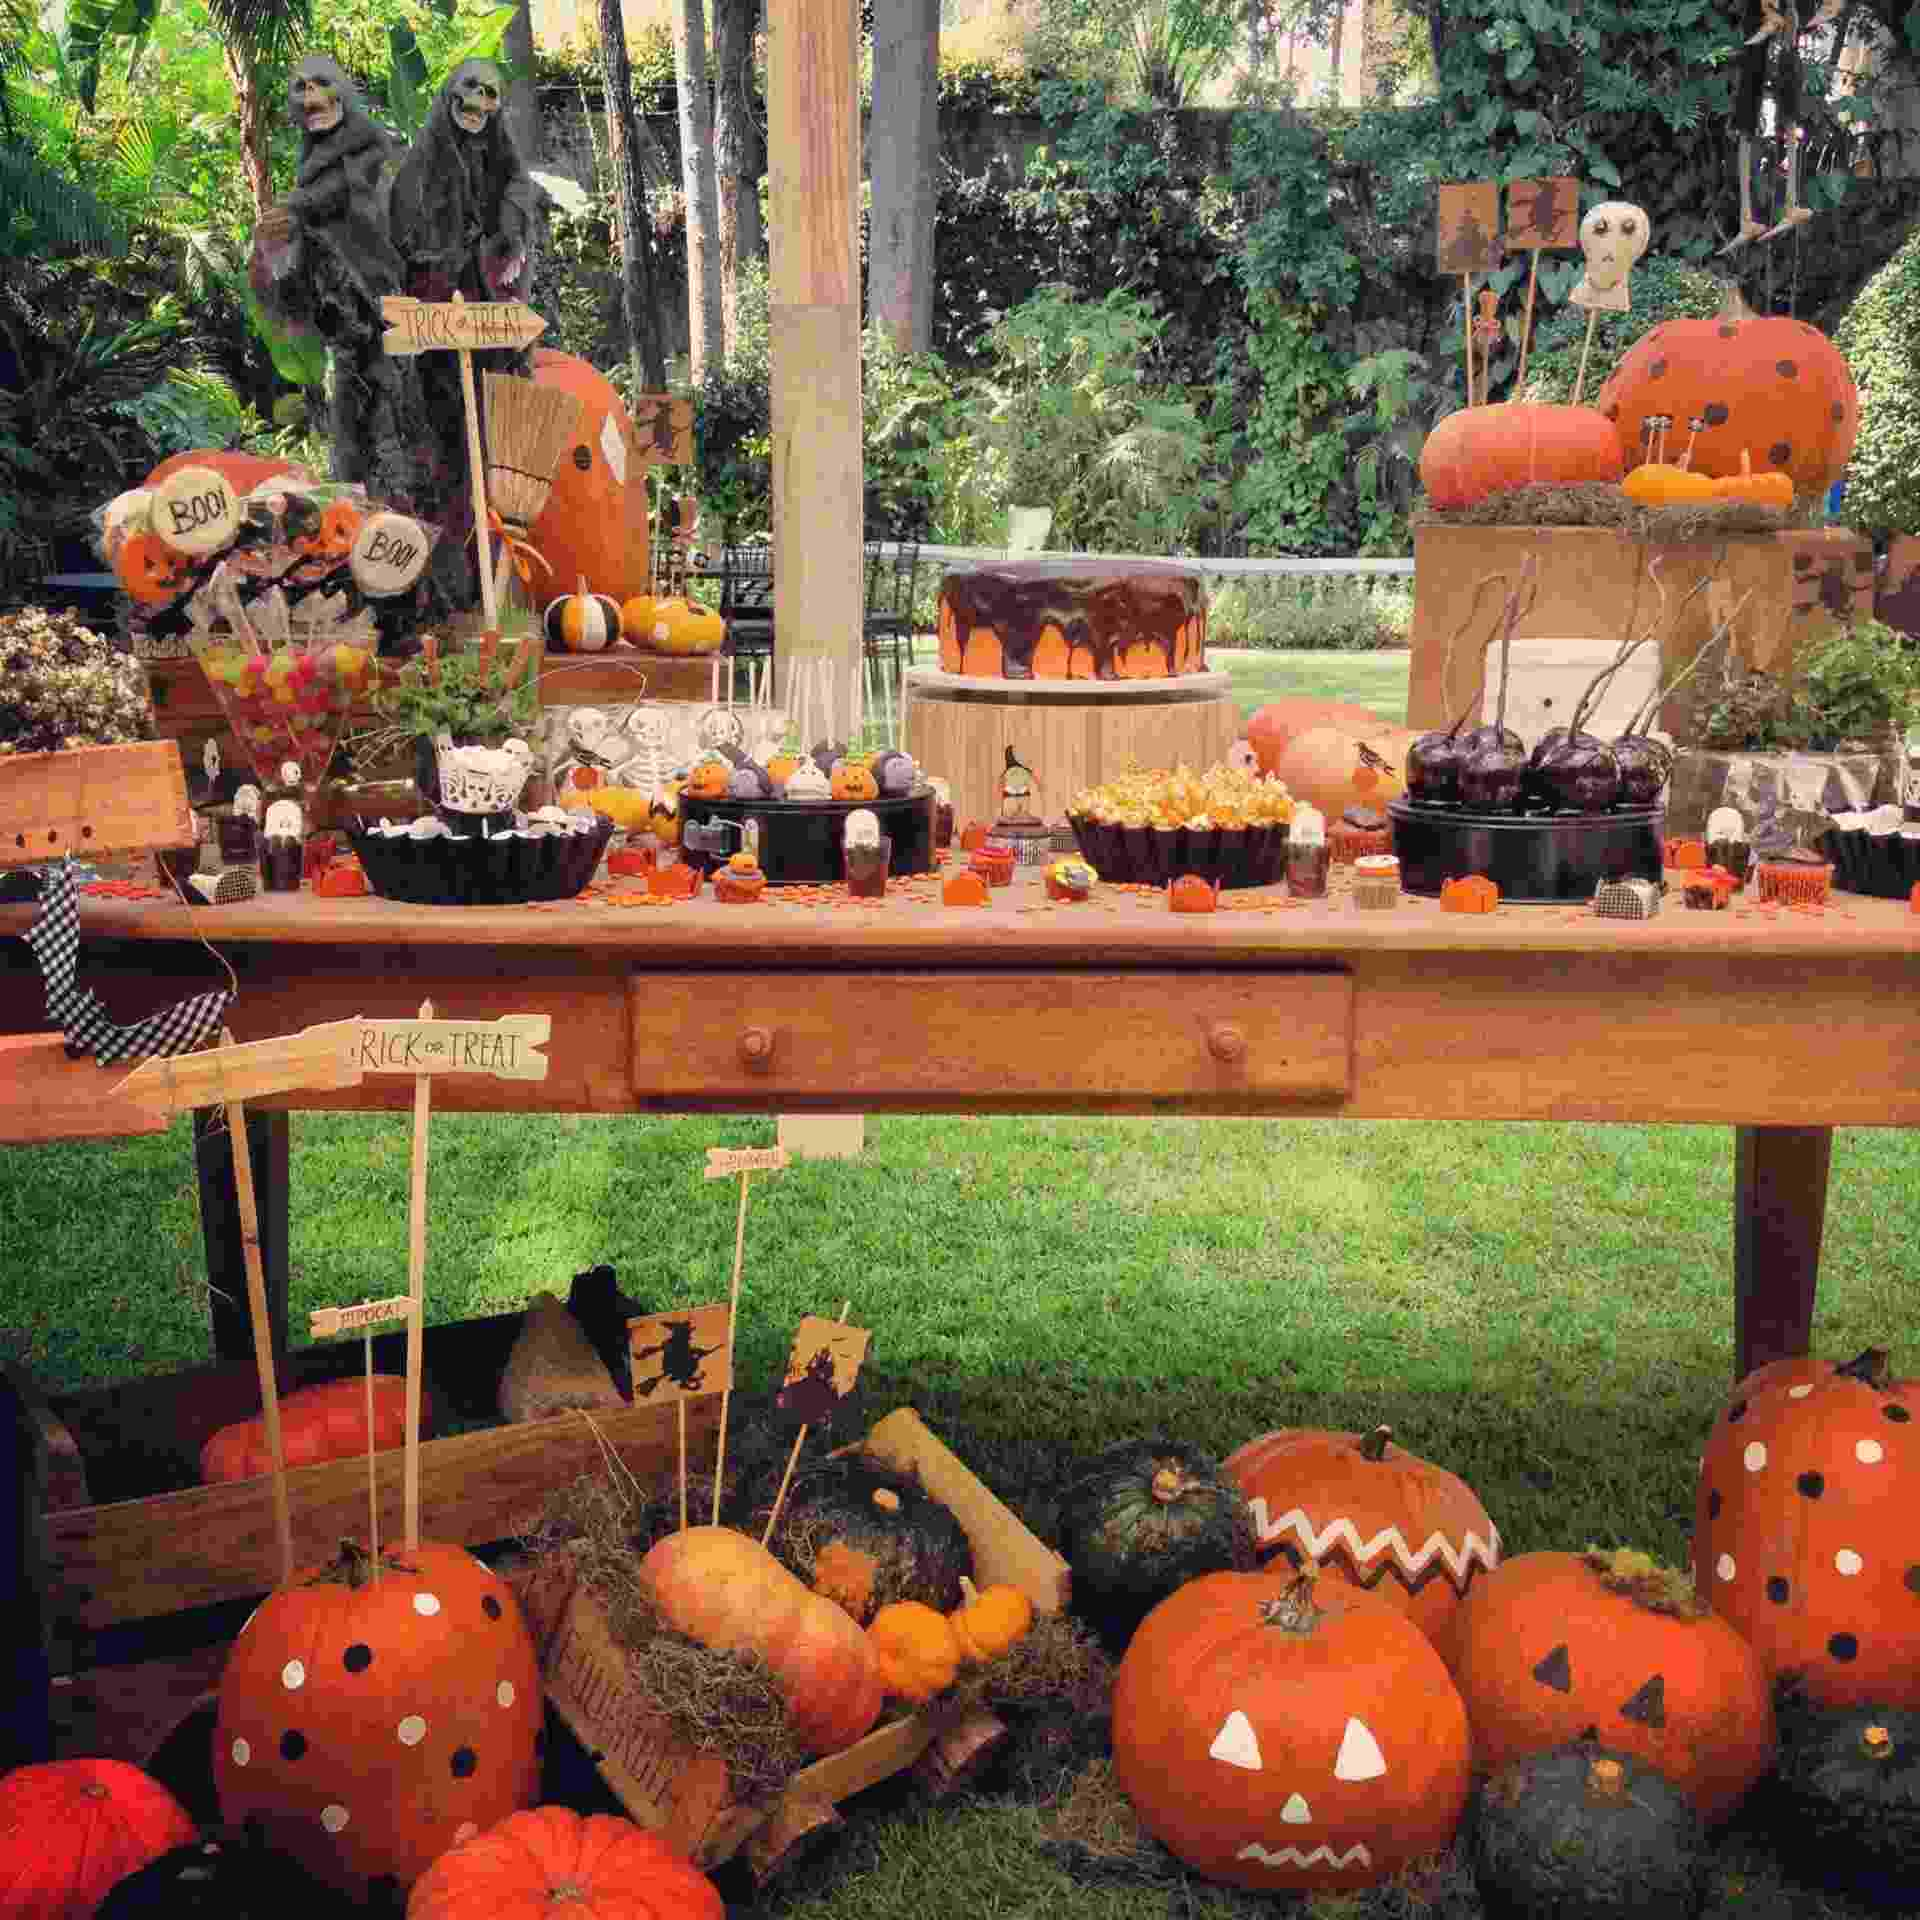 O tema desse aniversário realizado pela Decoração do Baile (decoracaodobaile.wordpress.com) é o Dia das Bruxas, comemorado em 31 de outubro. Os doces decorados e o bolo foram encomendados para Tammy Montagna (www.tammymontagna.com) e a festa contou com bufê da Dedo de Moça (www.dedodemoca.com) - Divulgação